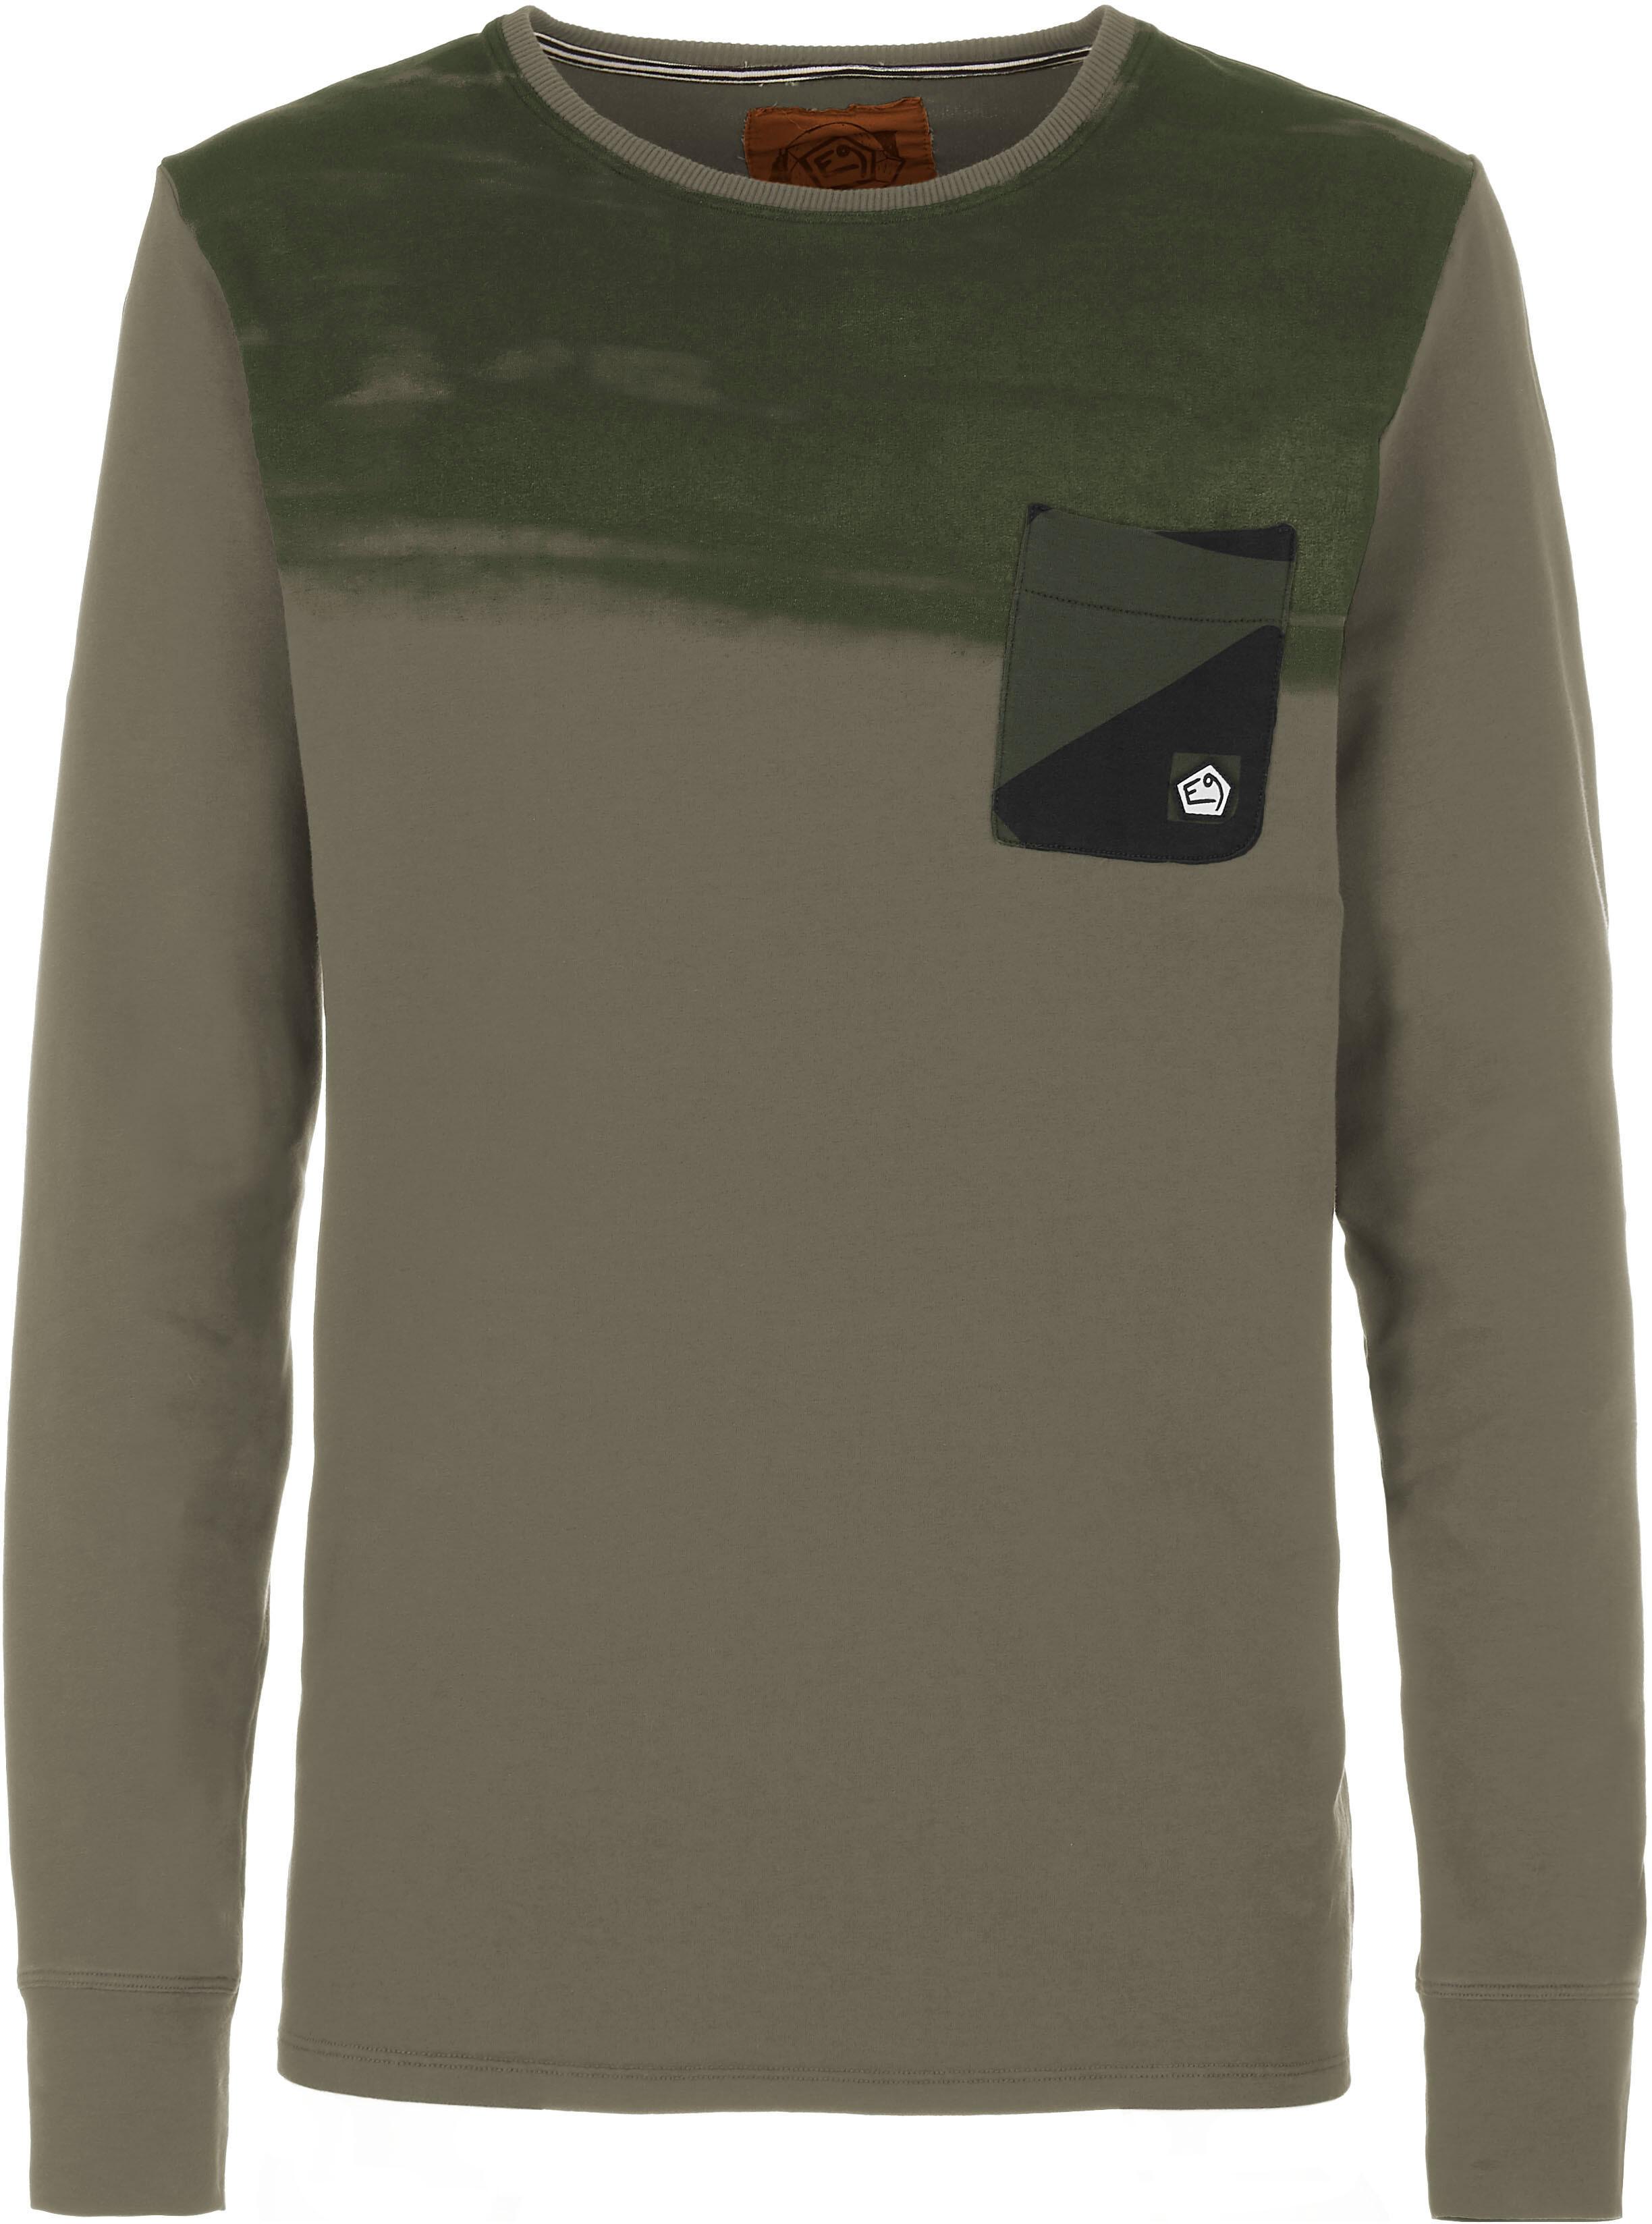 63e53675eaf80 E9 Stripe On - T-shirt manches longues Homme - beige sur CAMPZ !